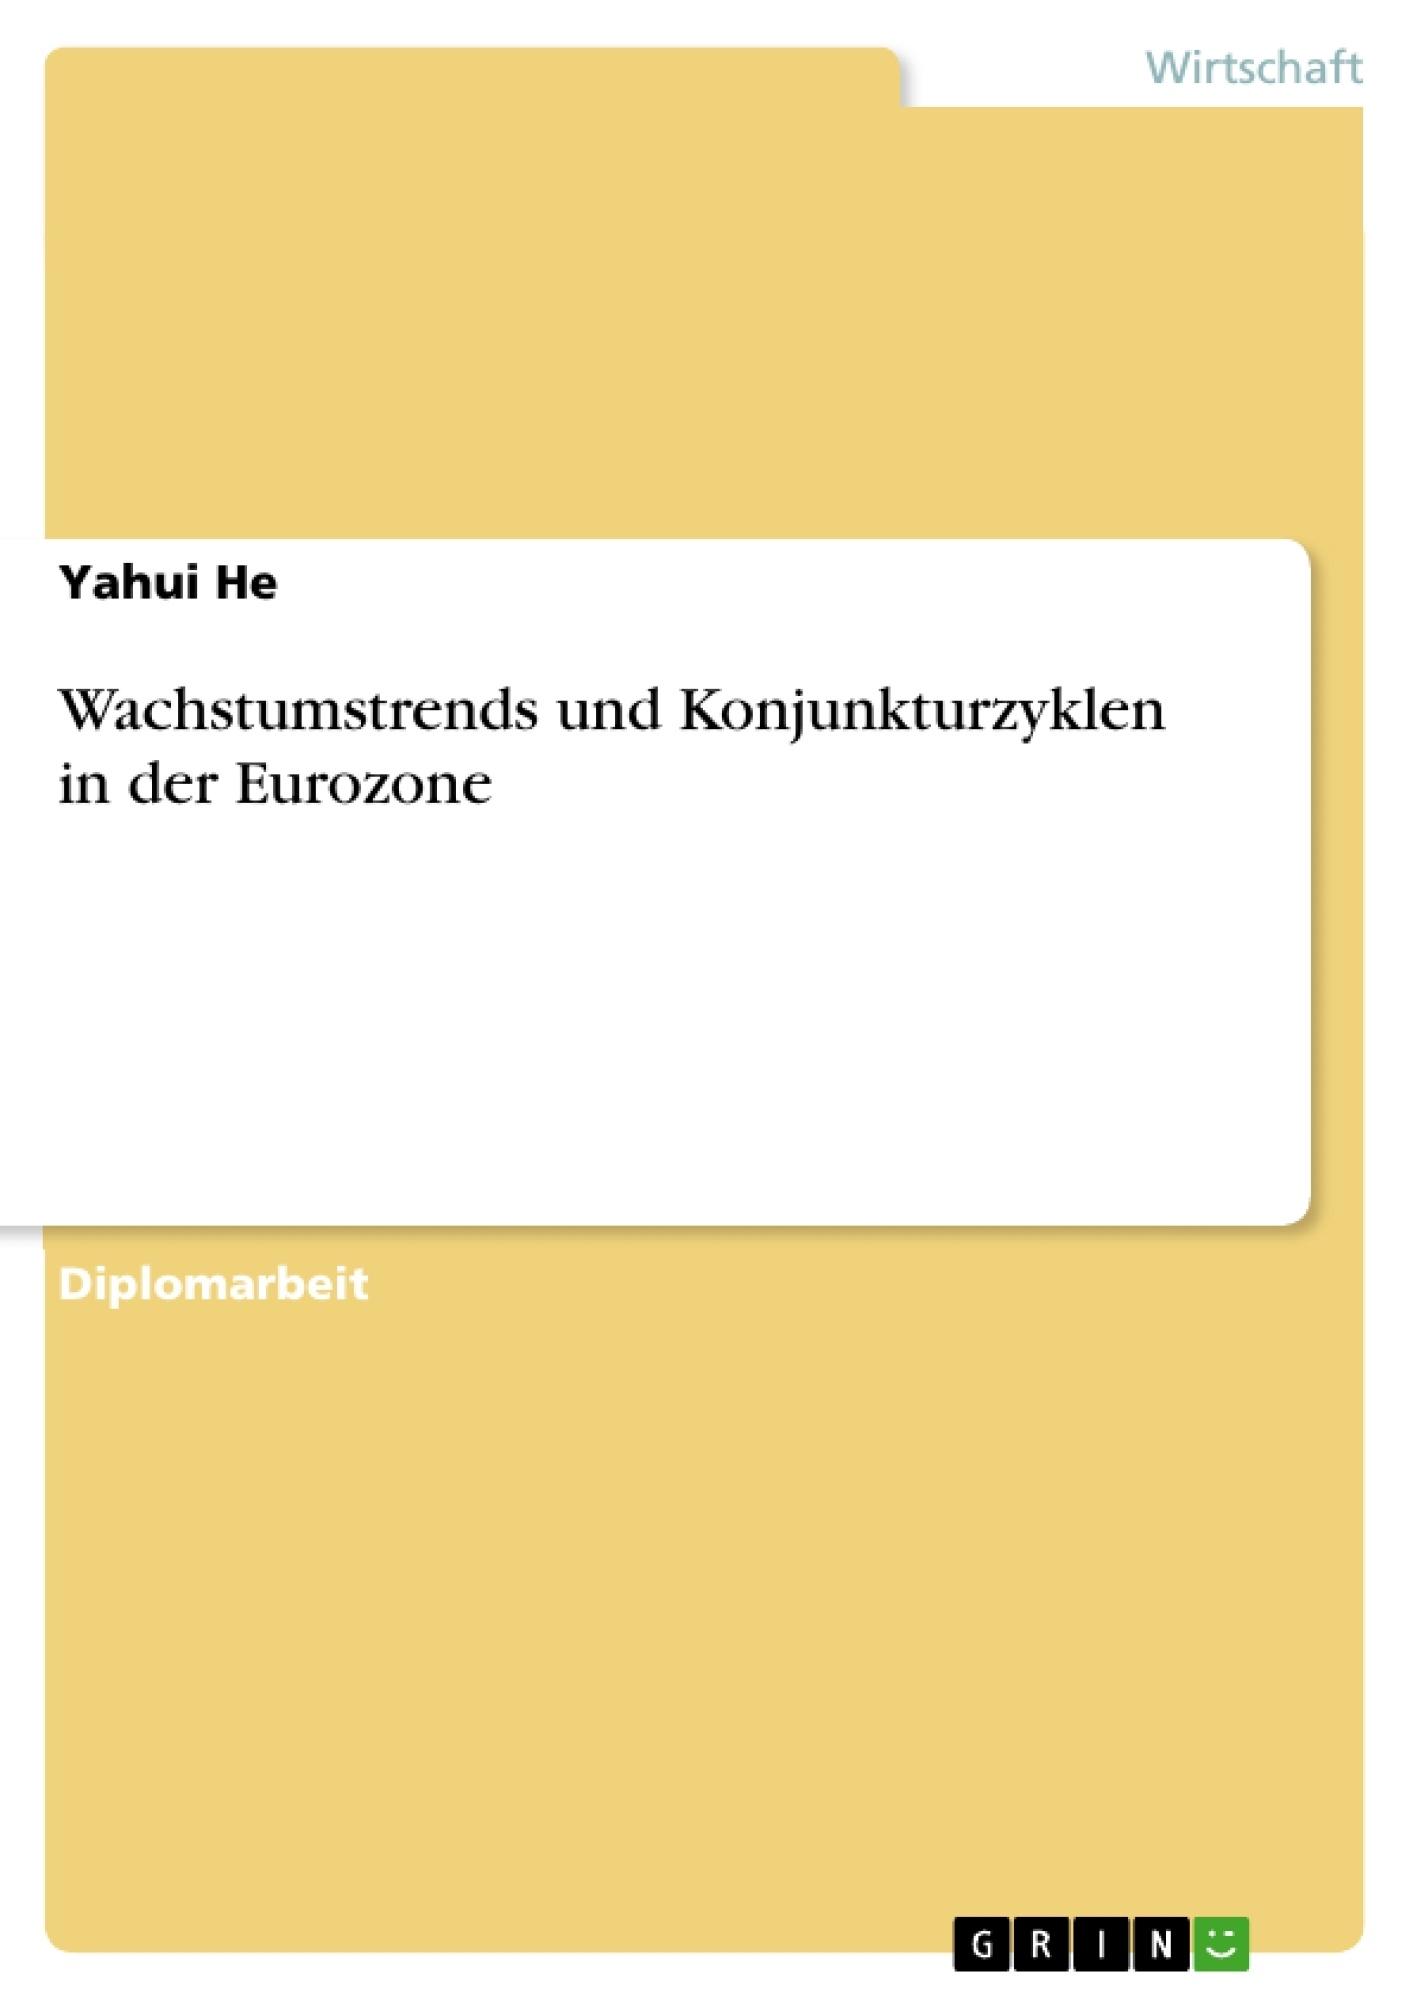 Titel: Wachstumstrends und Konjunkturzyklen in der Eurozone